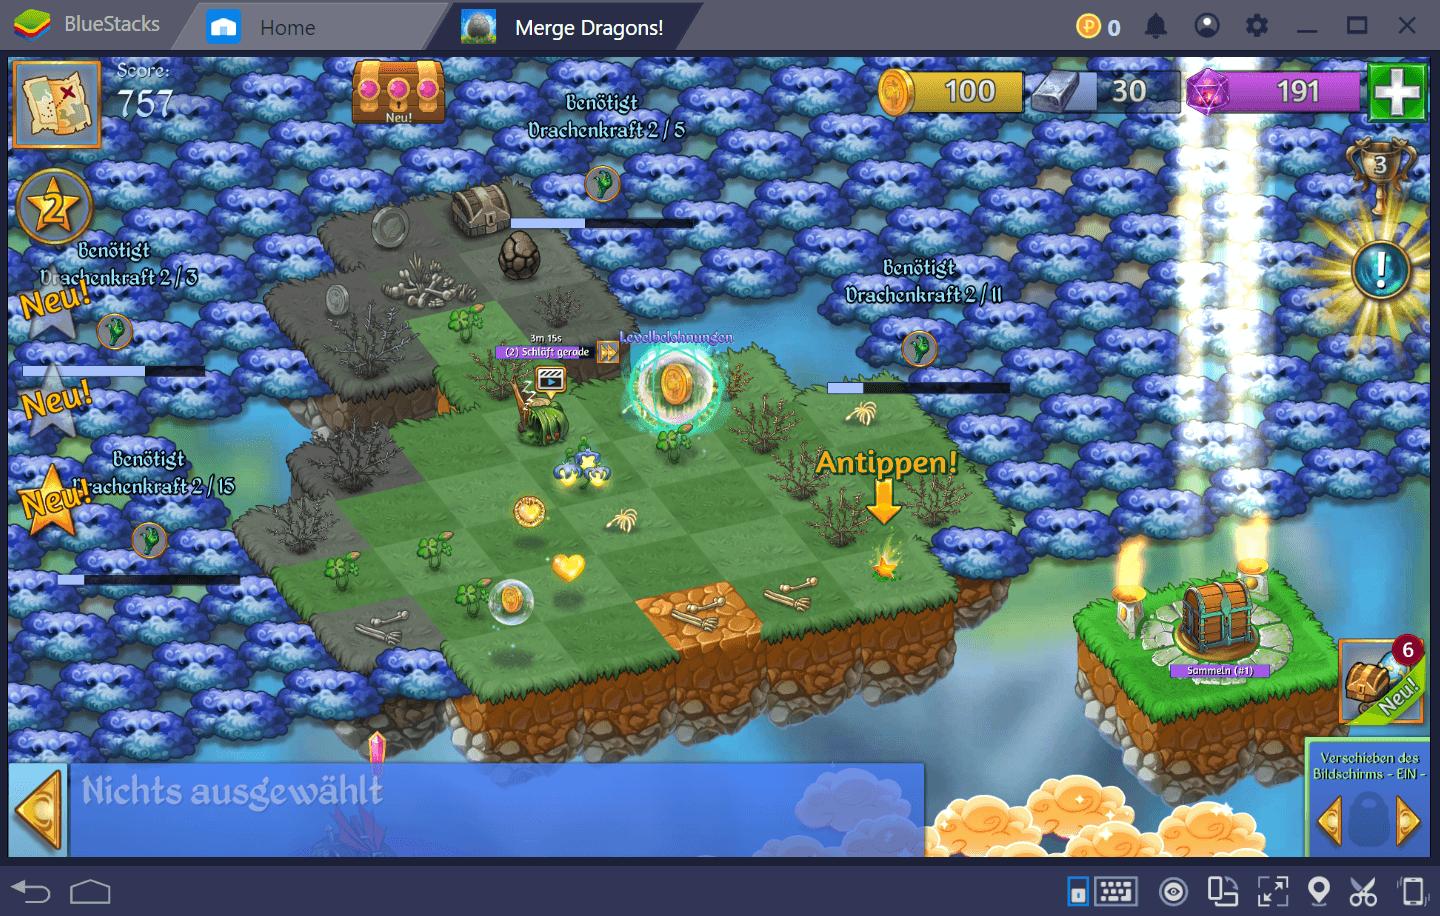 Merge Dragons auf BlueStacks – Verbessere dein Gameplay mit unserer Plattform